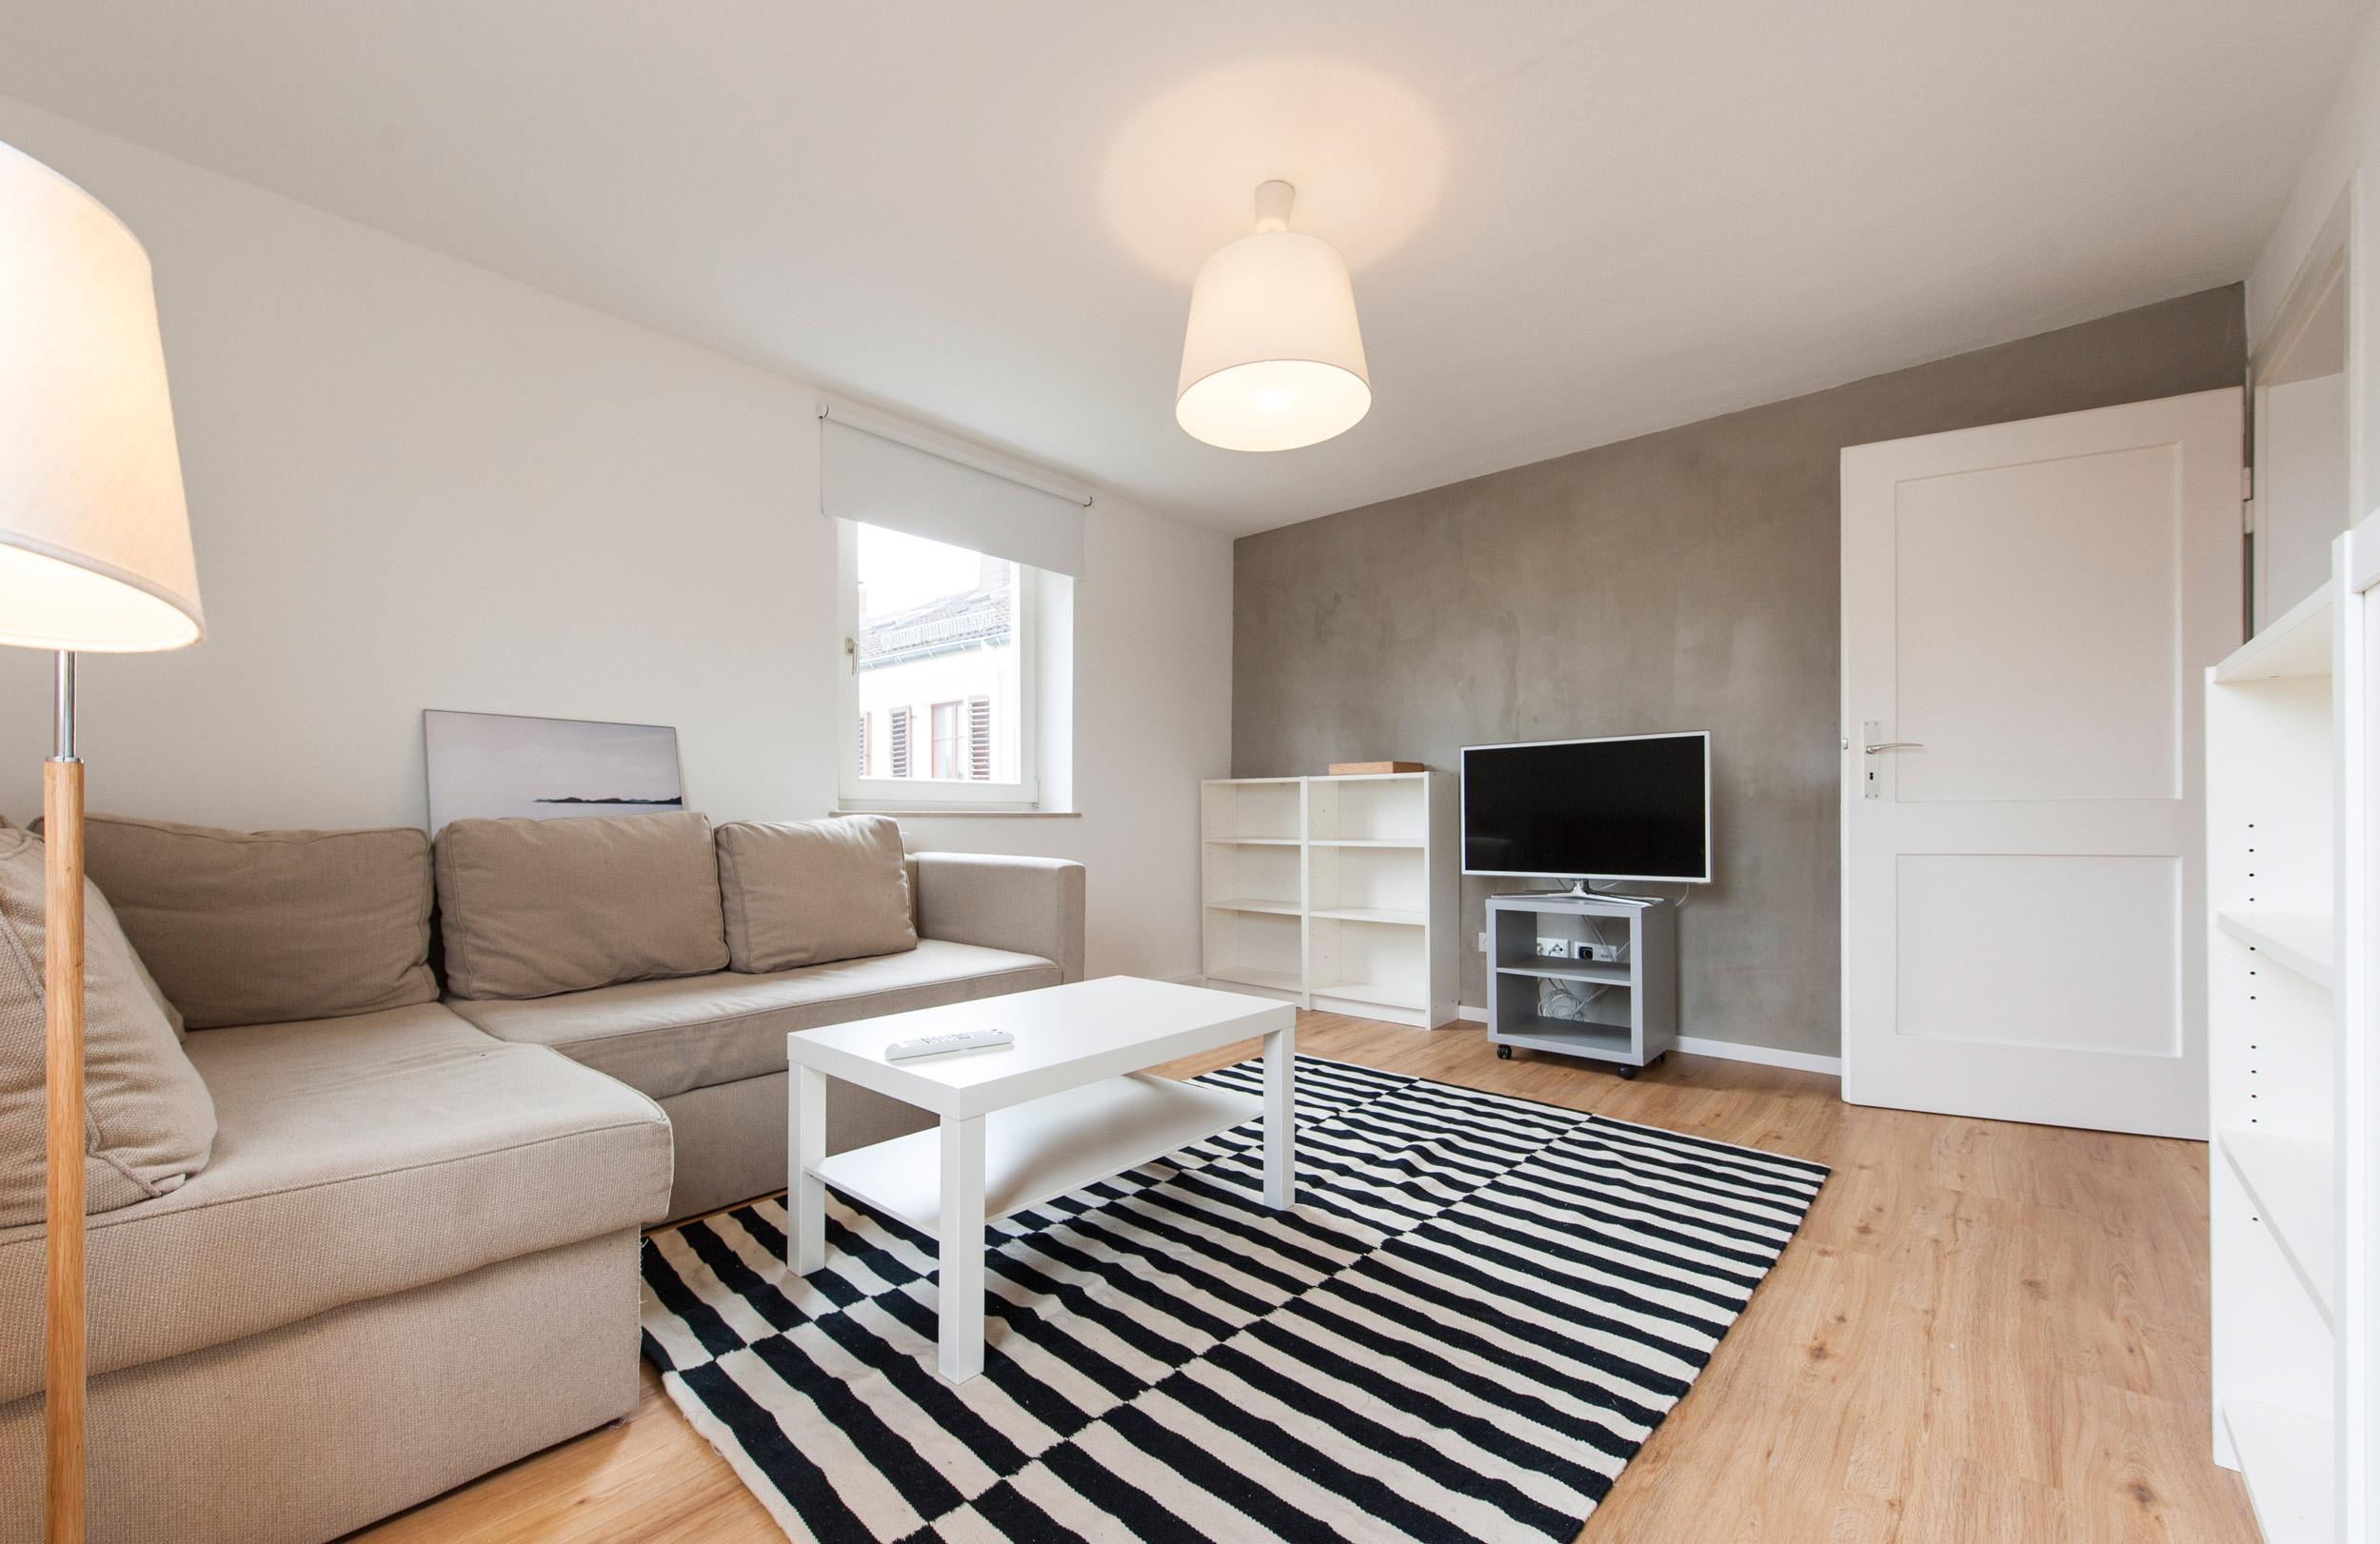 Möblierte Wohnung mit Blick über die Stadt Bayreuth mieten - Hej